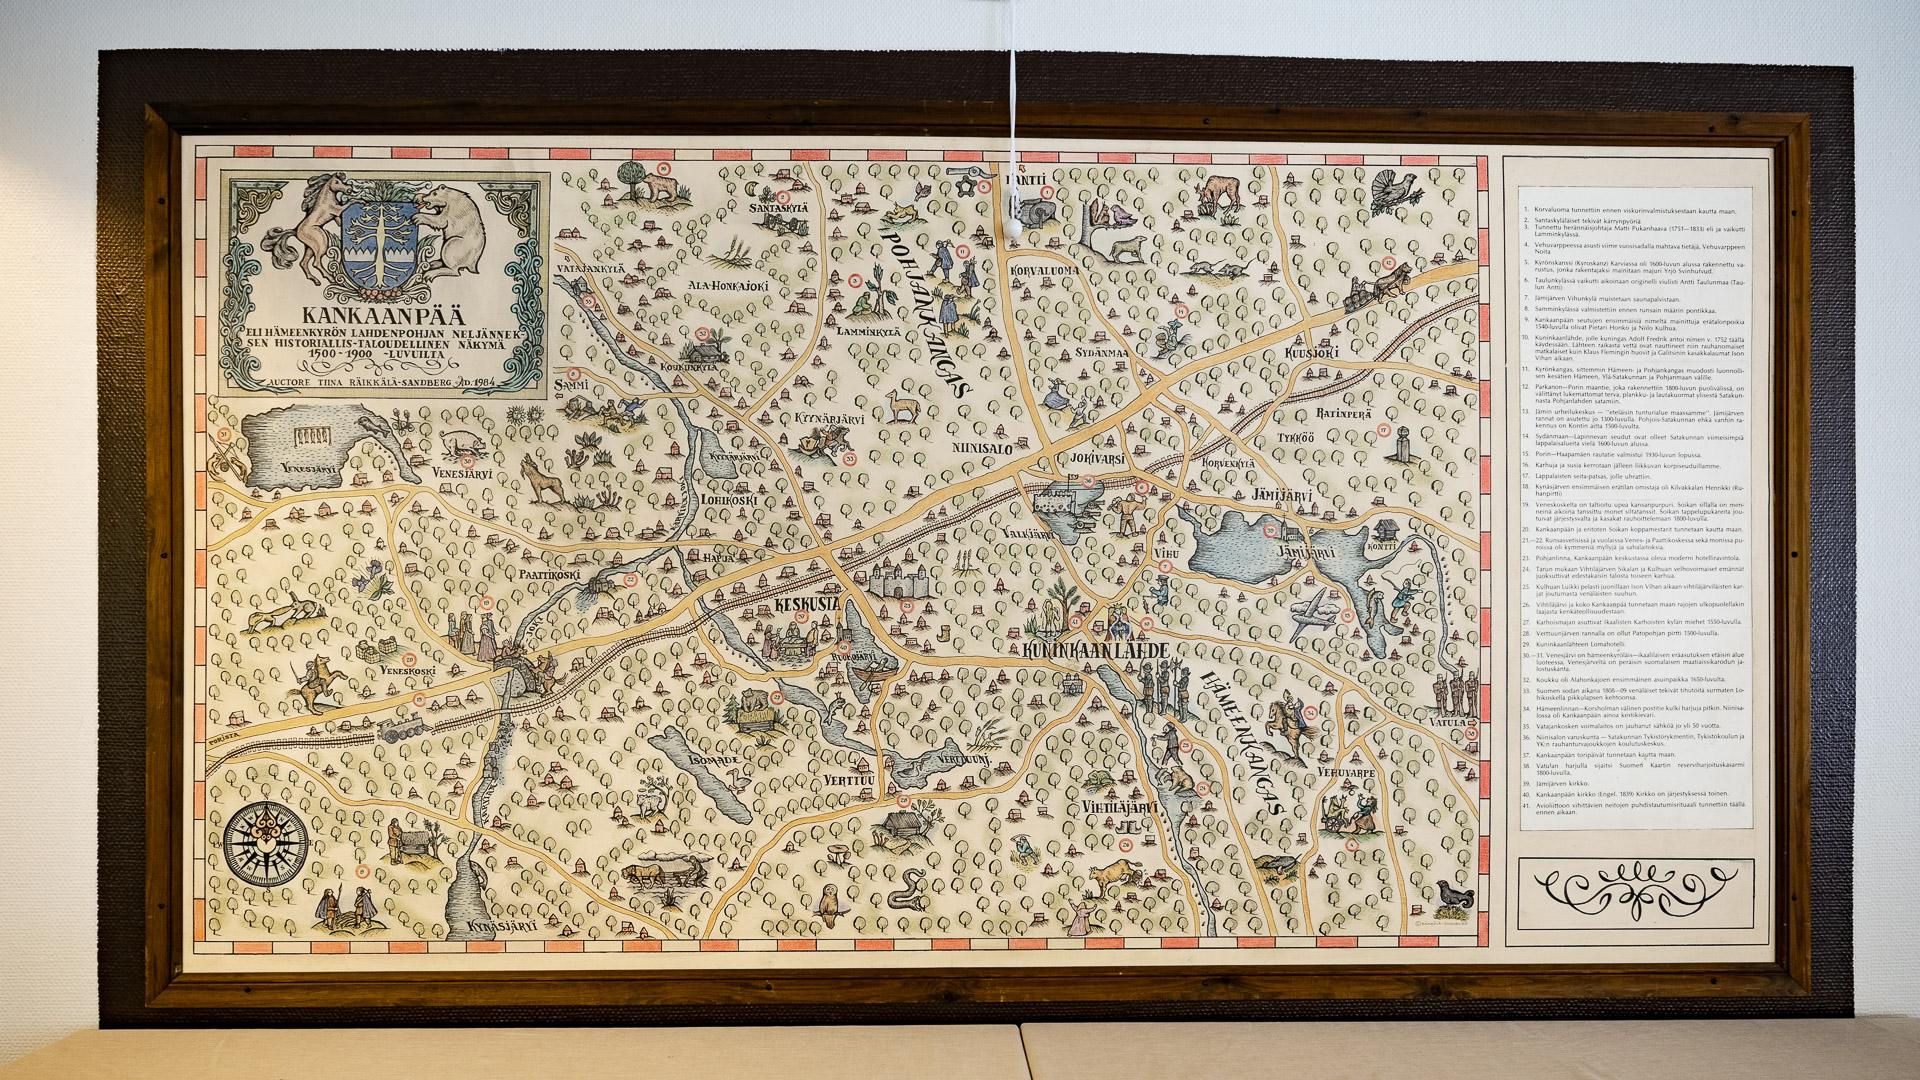 Hostelli Kuninkaanlähde Kartta 1500 1900 Luvulta